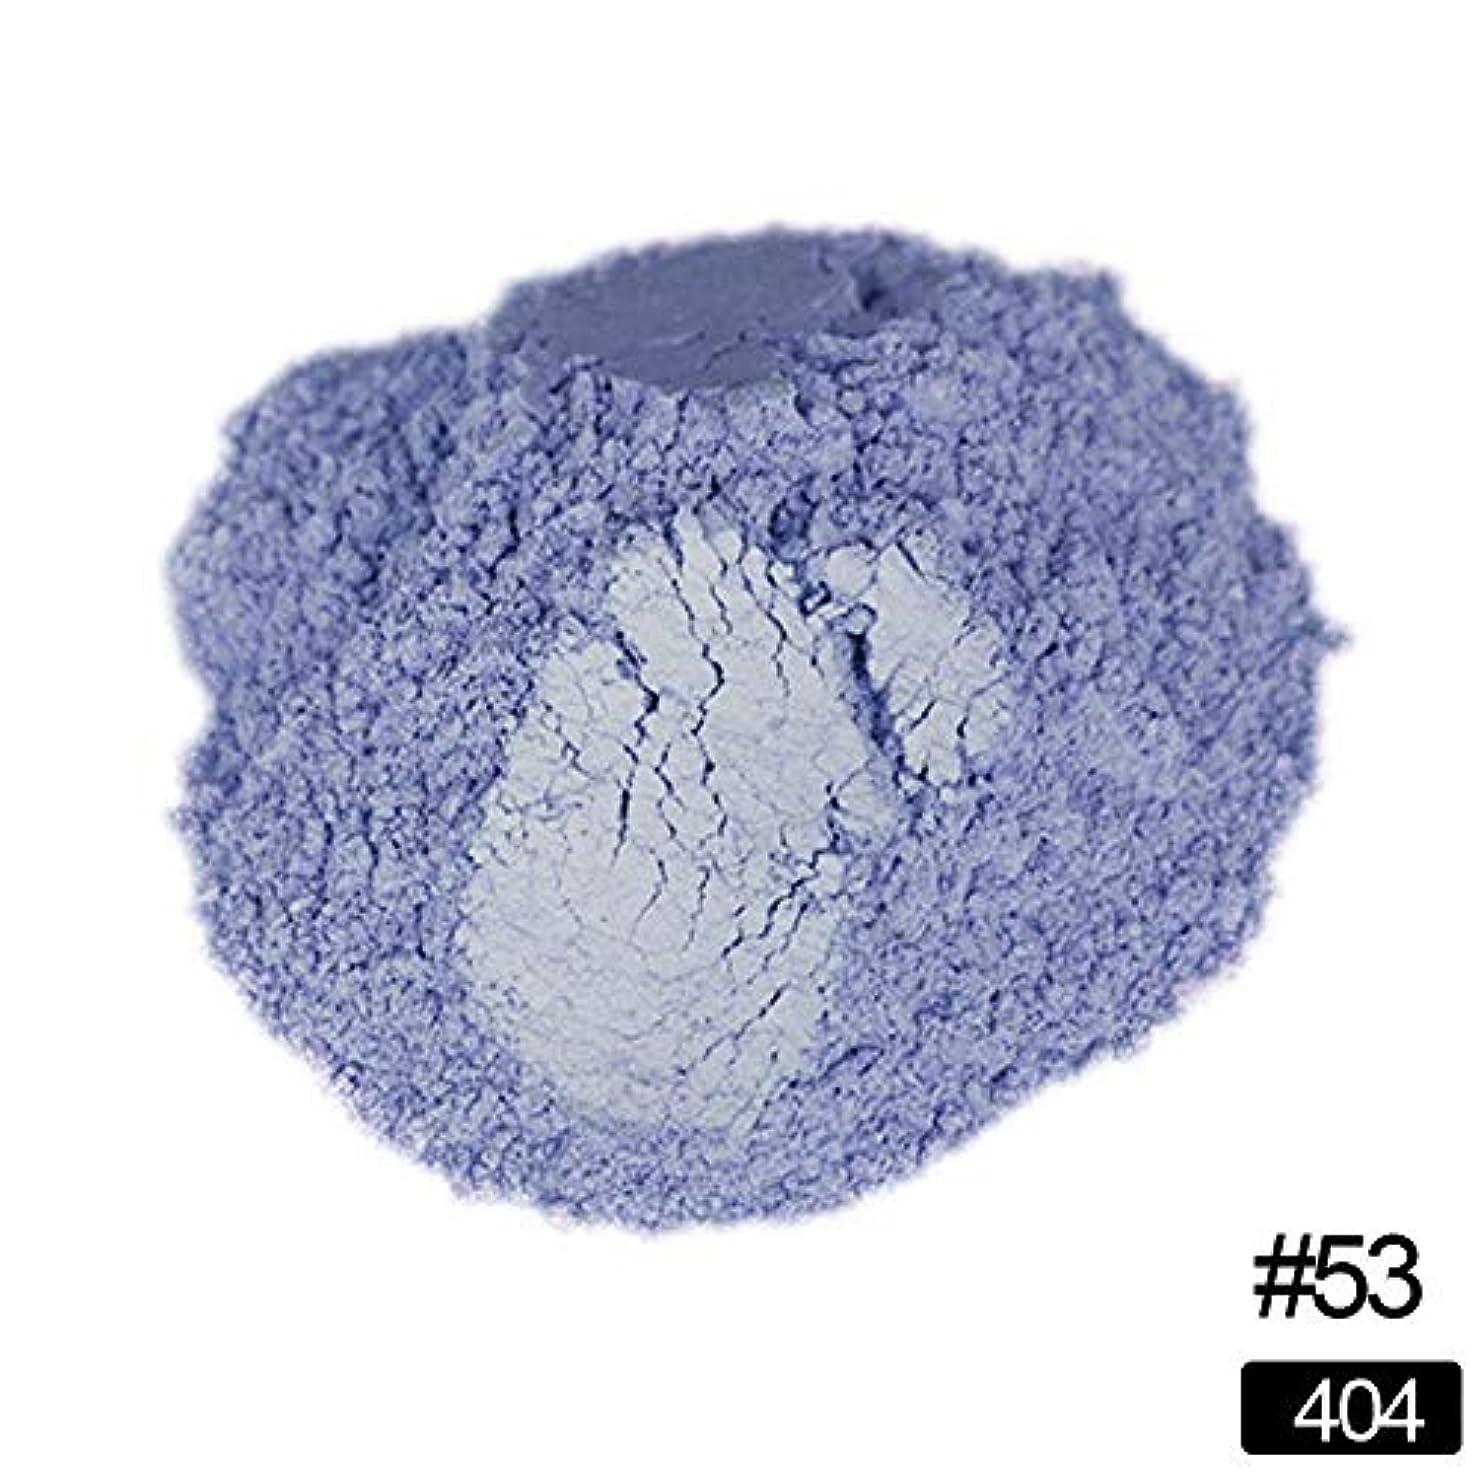 過度のイディオム原子炉BETTER YOU (ベター ュー) 夏のアイシャドウ、口紅、フリッカー、カラフル、崩れない、ぼかしやすい、69色 目、唇、フリッカー、ハイライト (AAH 534)